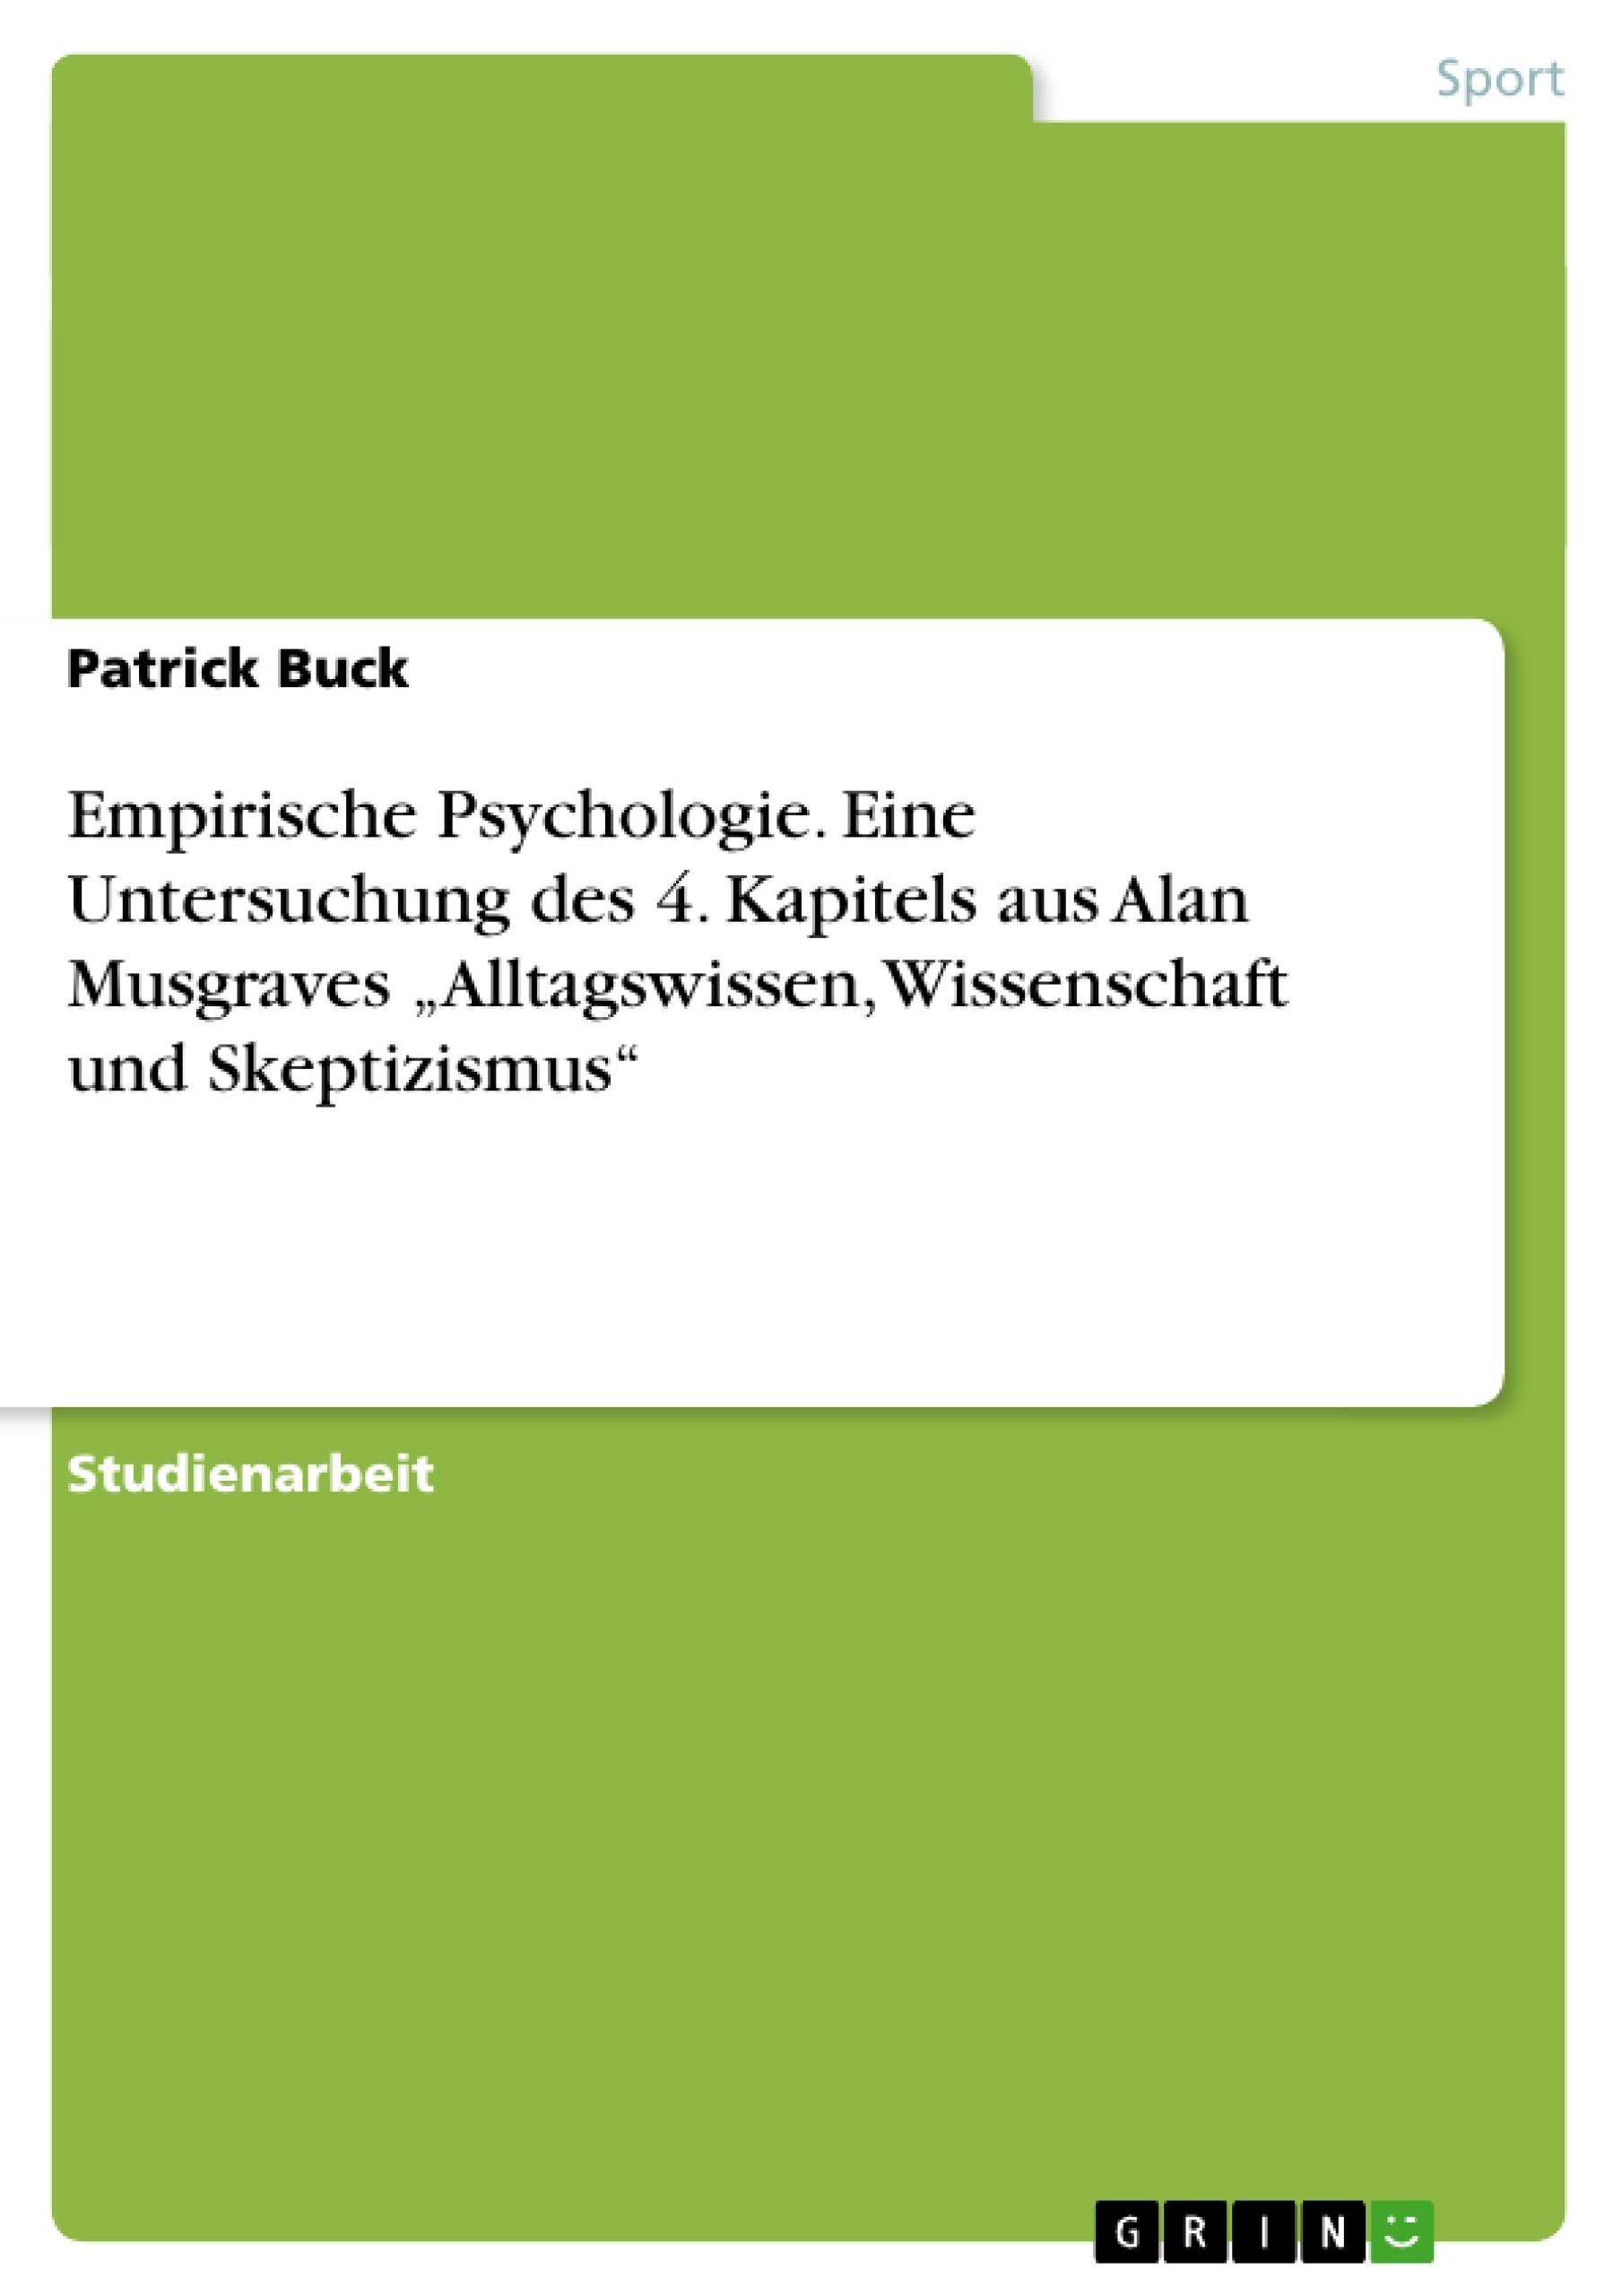 """Titel: Empirische Psychologie. Eine Untersuchung des 4. Kapitels aus Alan Musgraves  """"Alltagswissen, Wissenschaft und Skeptizismus"""""""